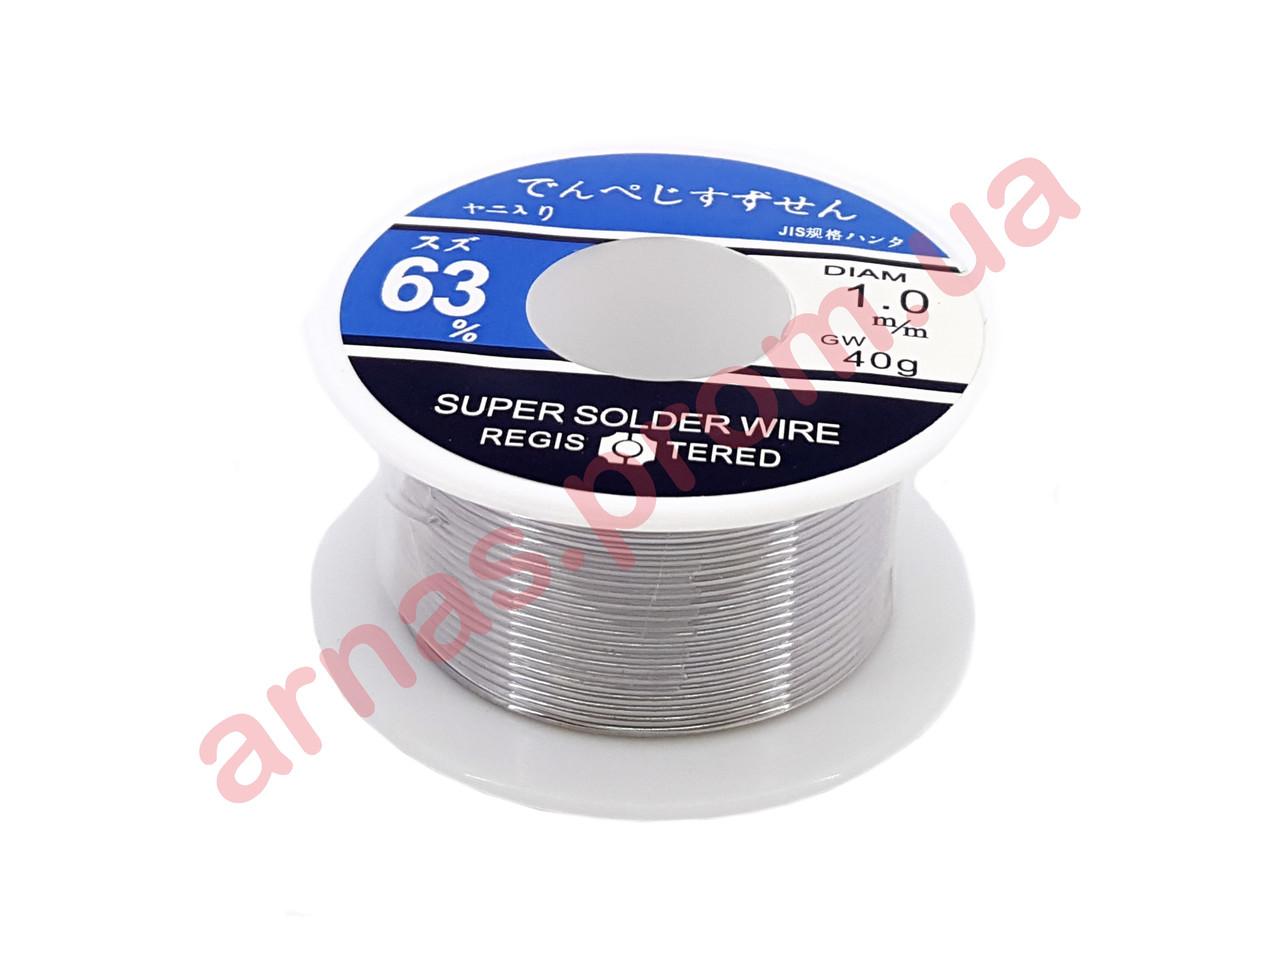 Припой для пайки 40g Super solder wire (3-91)